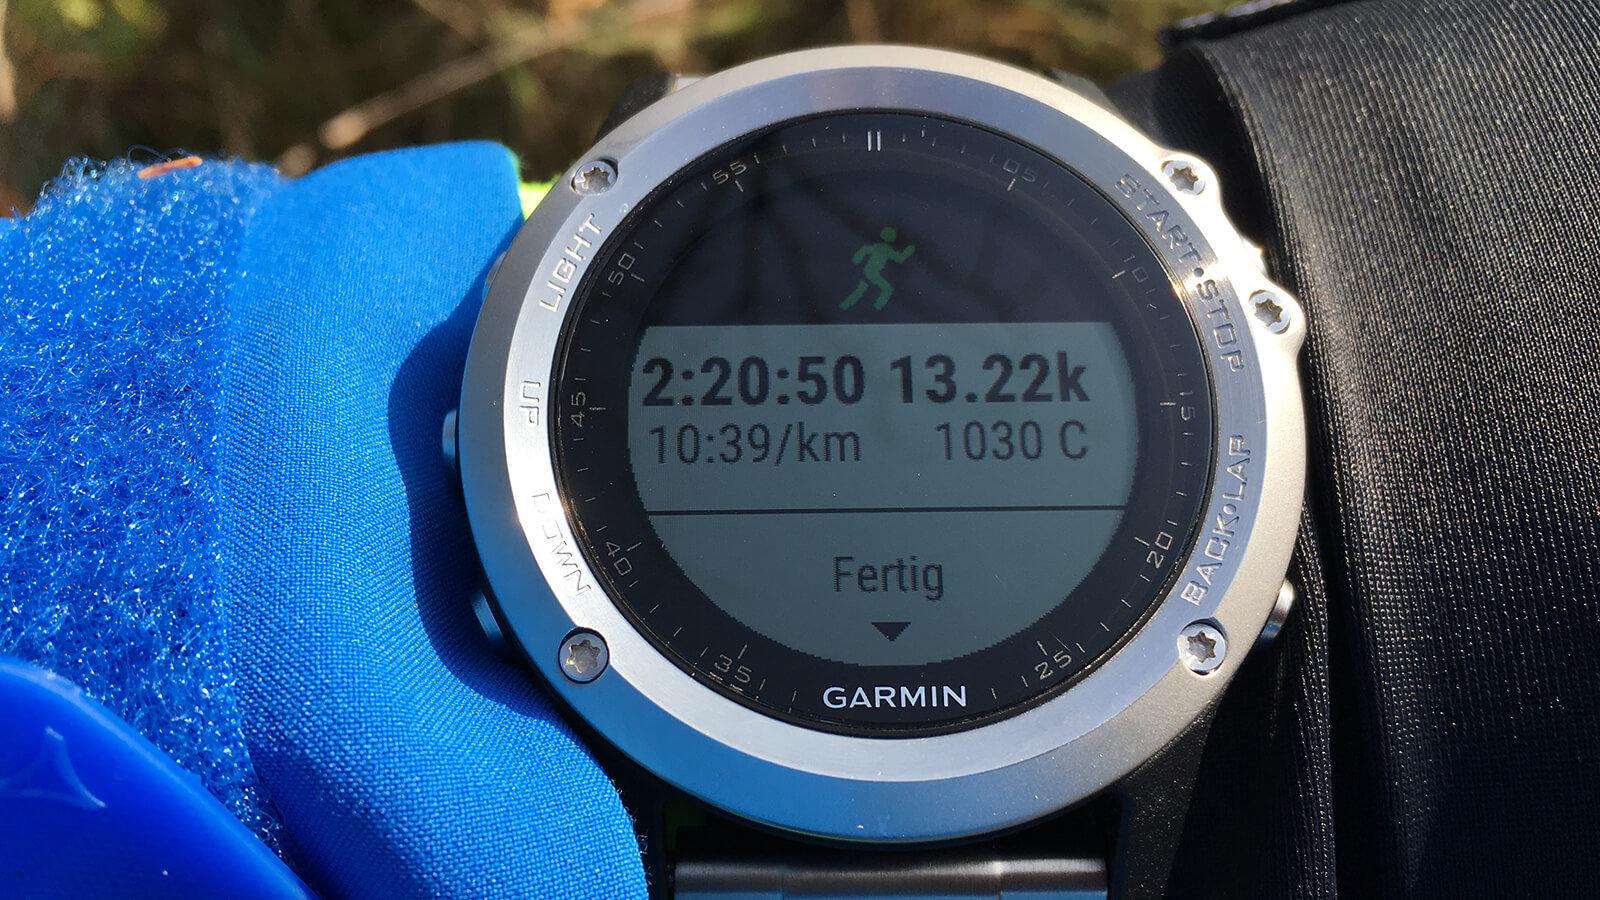 Garmin fēnix 3 - Aktivitäten App: Laufen